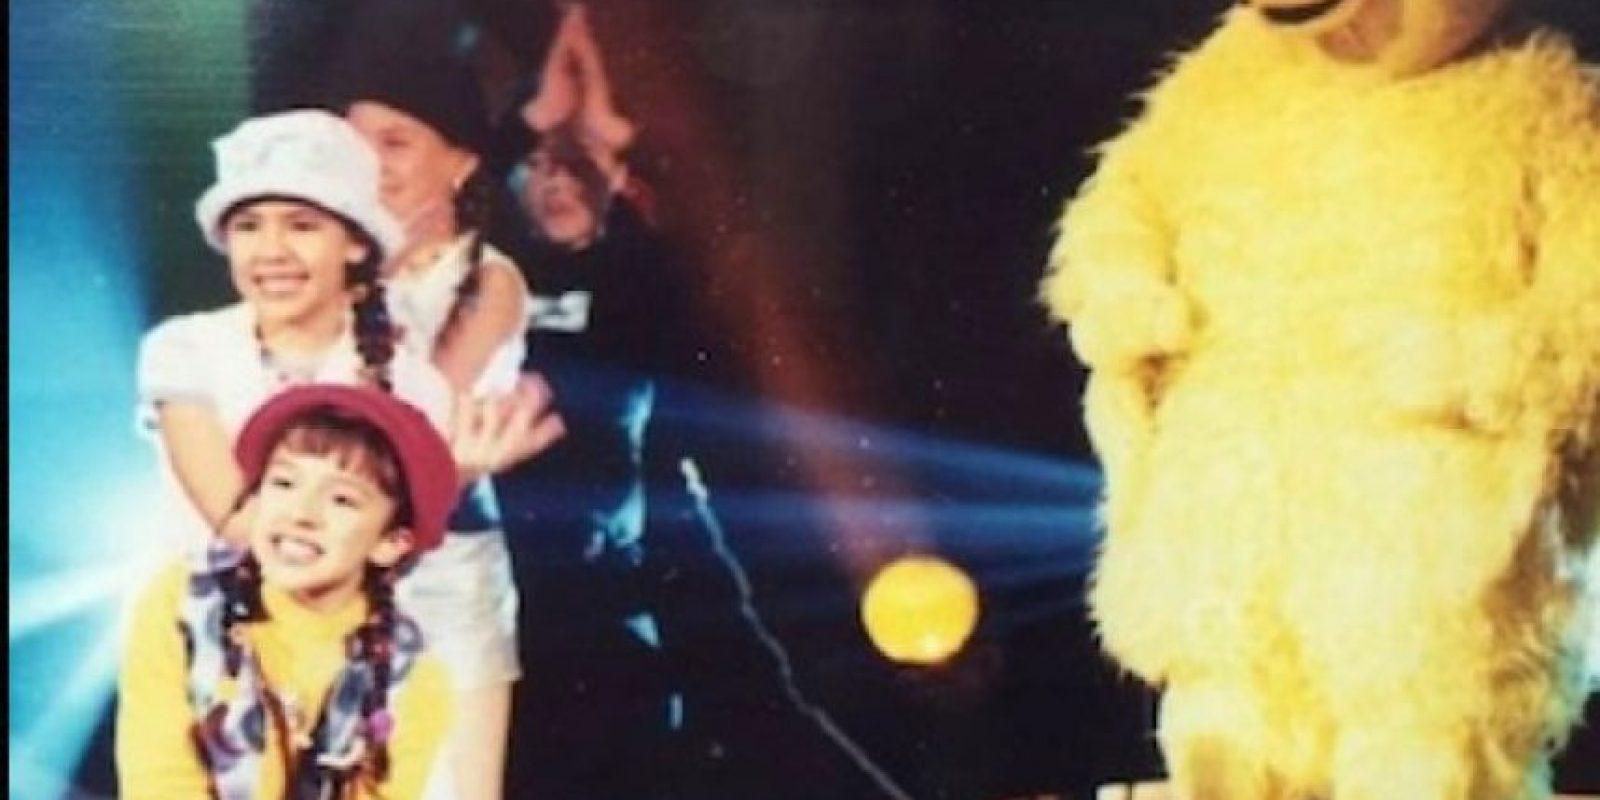 La cantante reapareció Foto:Vía Instagram/ivonne.avilez